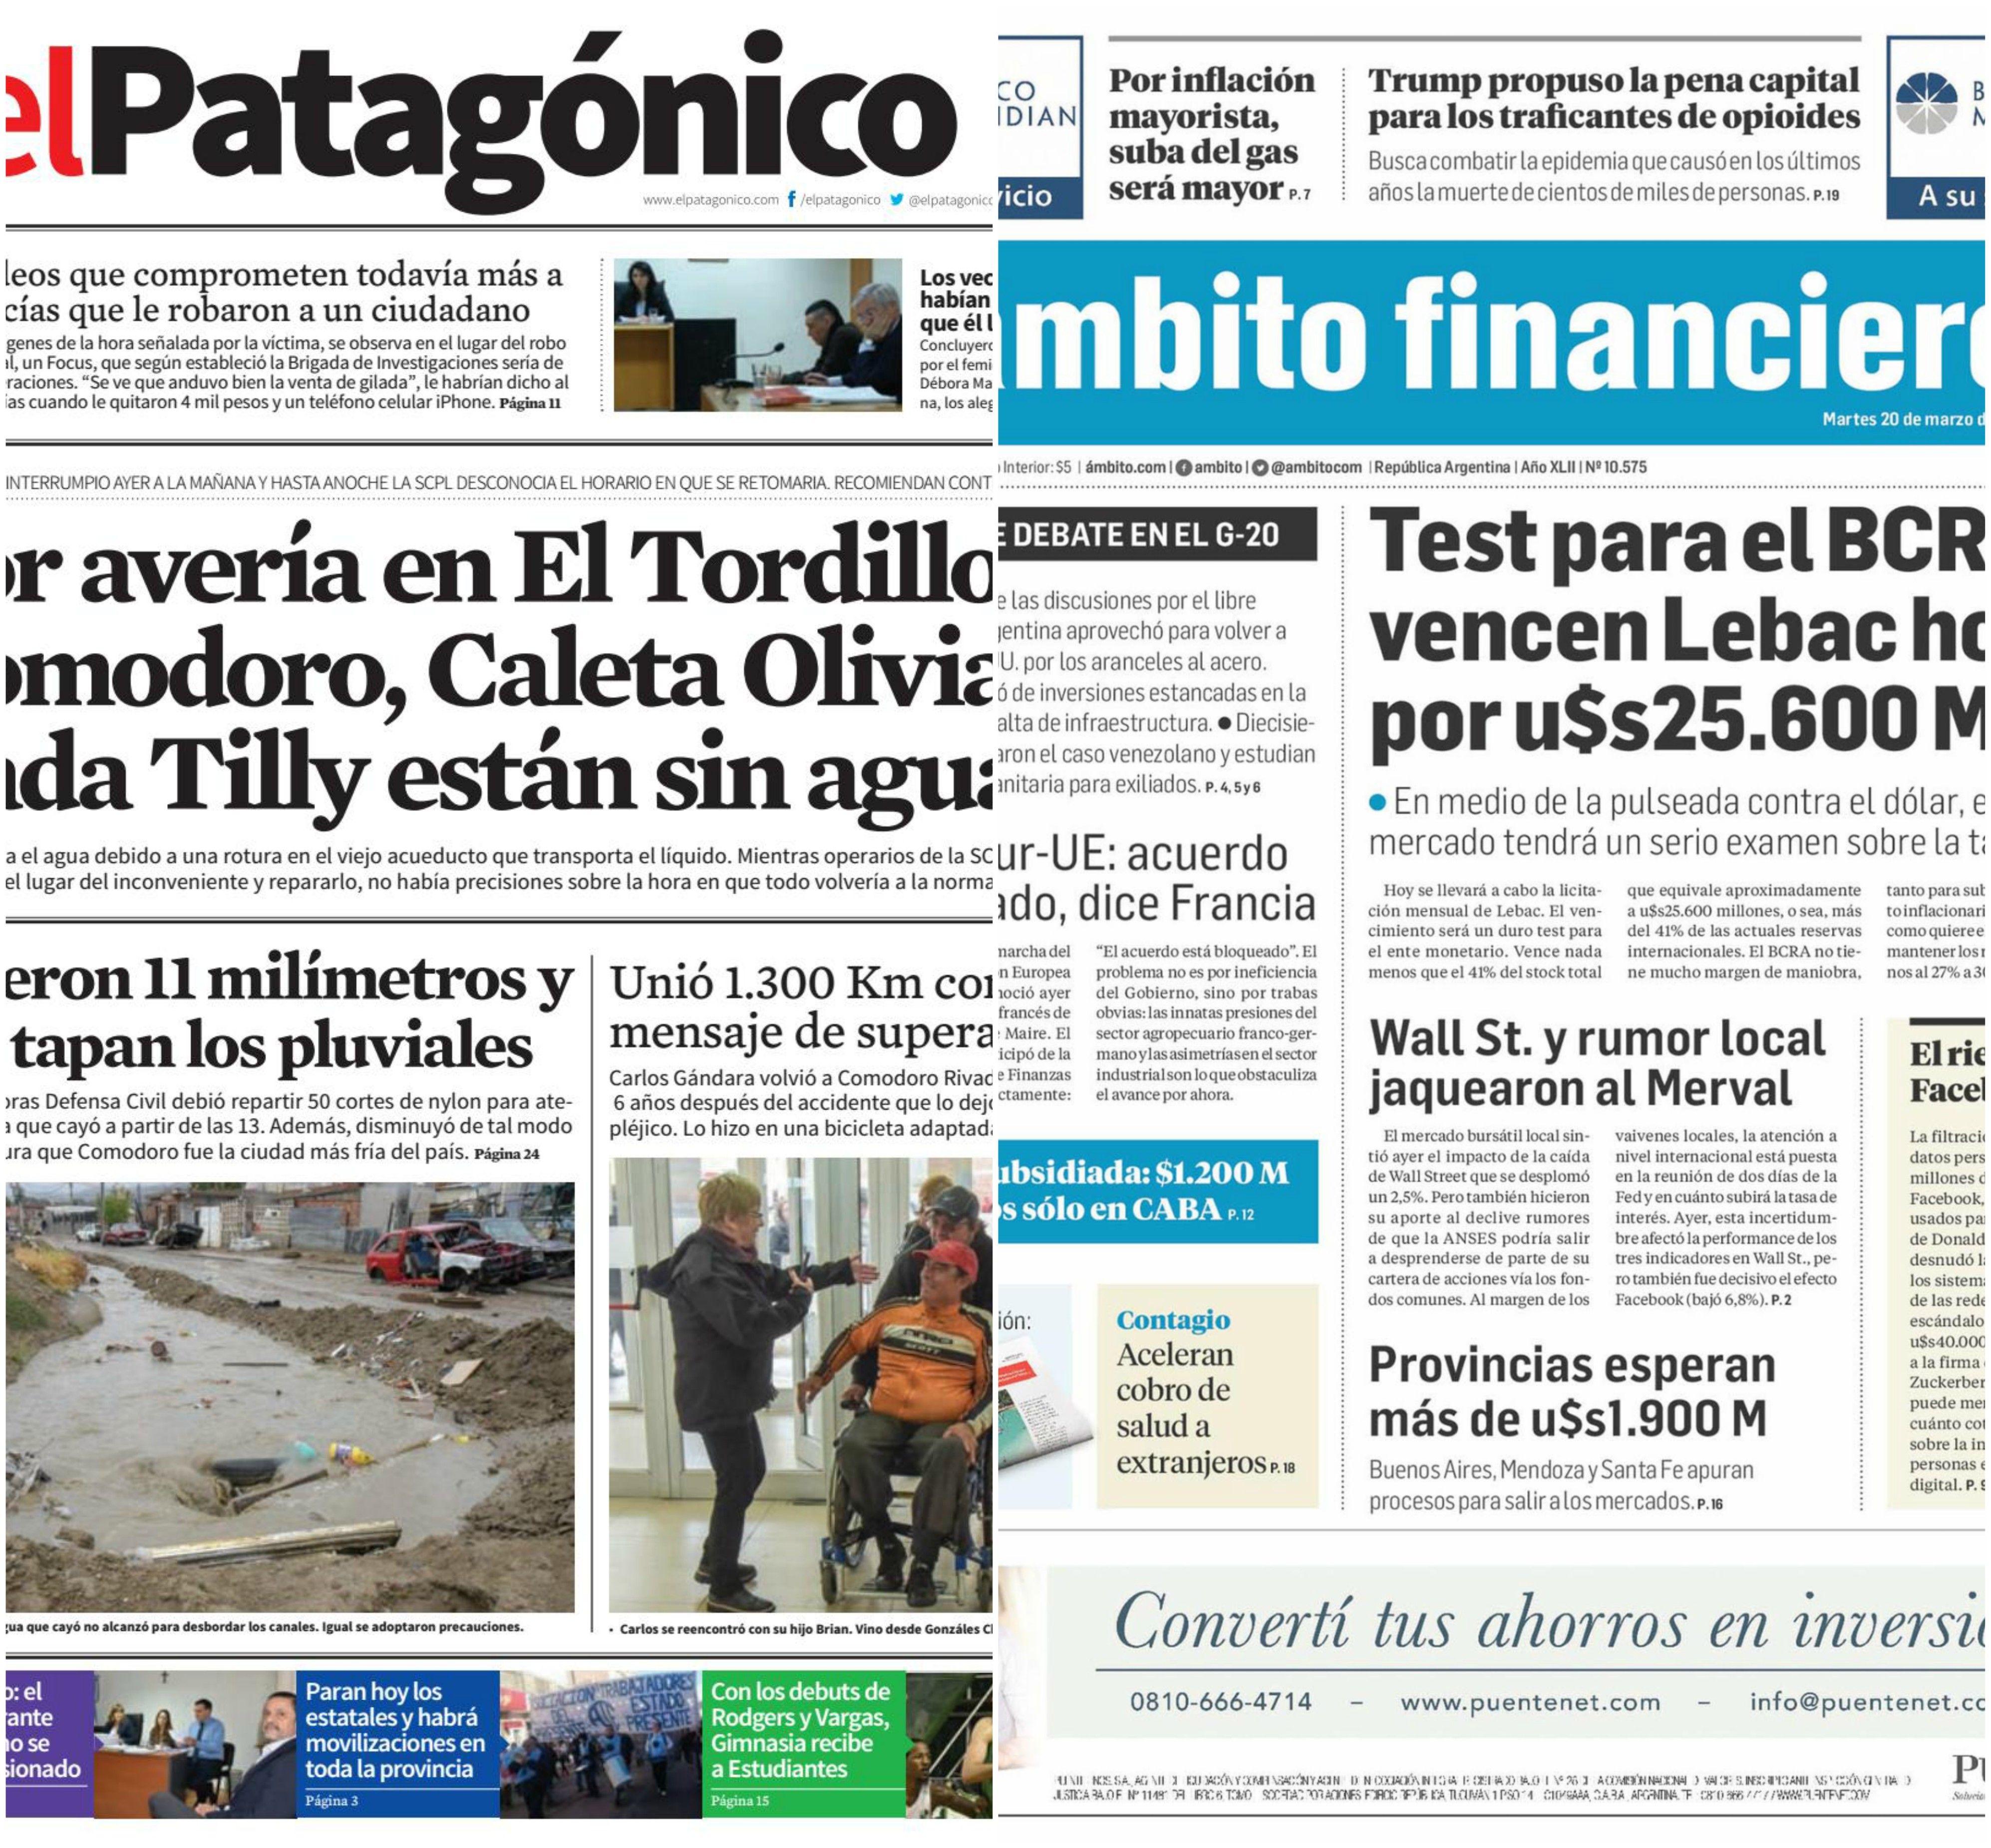 Tapas de diarios del martes 20 de marzo de 2018